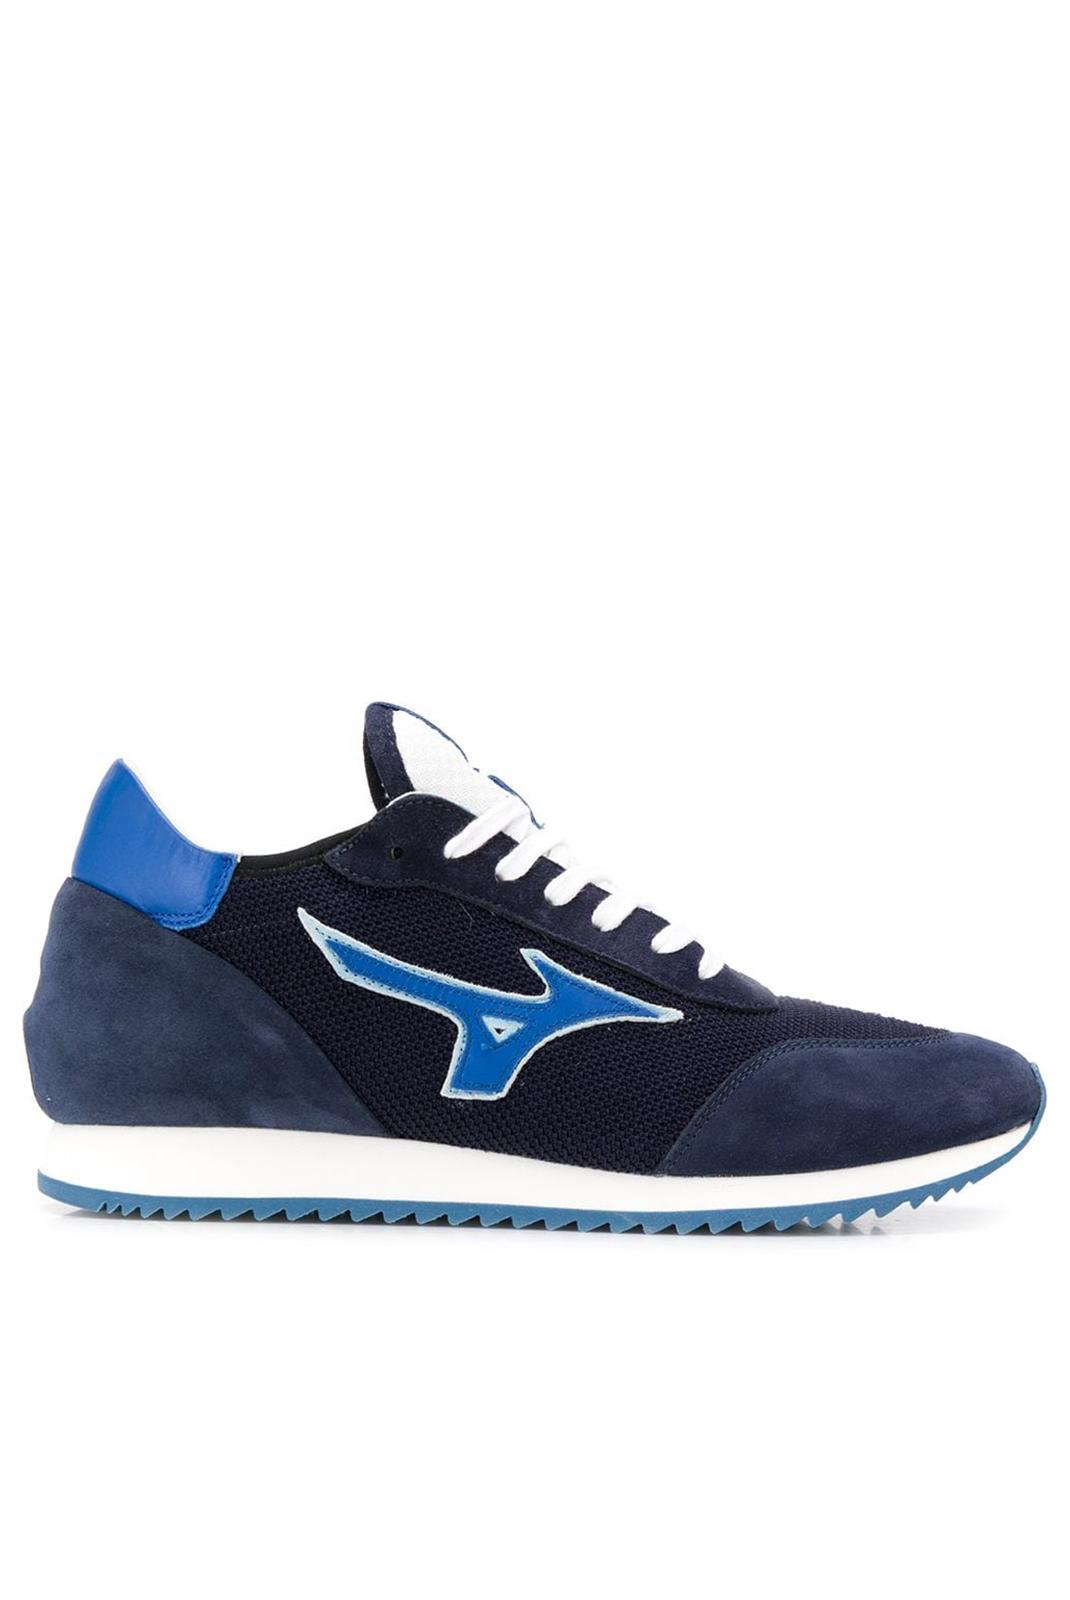 Chaussures   Mizuno D1GB195927 ETAMIN   BLUE/BLUE/BL